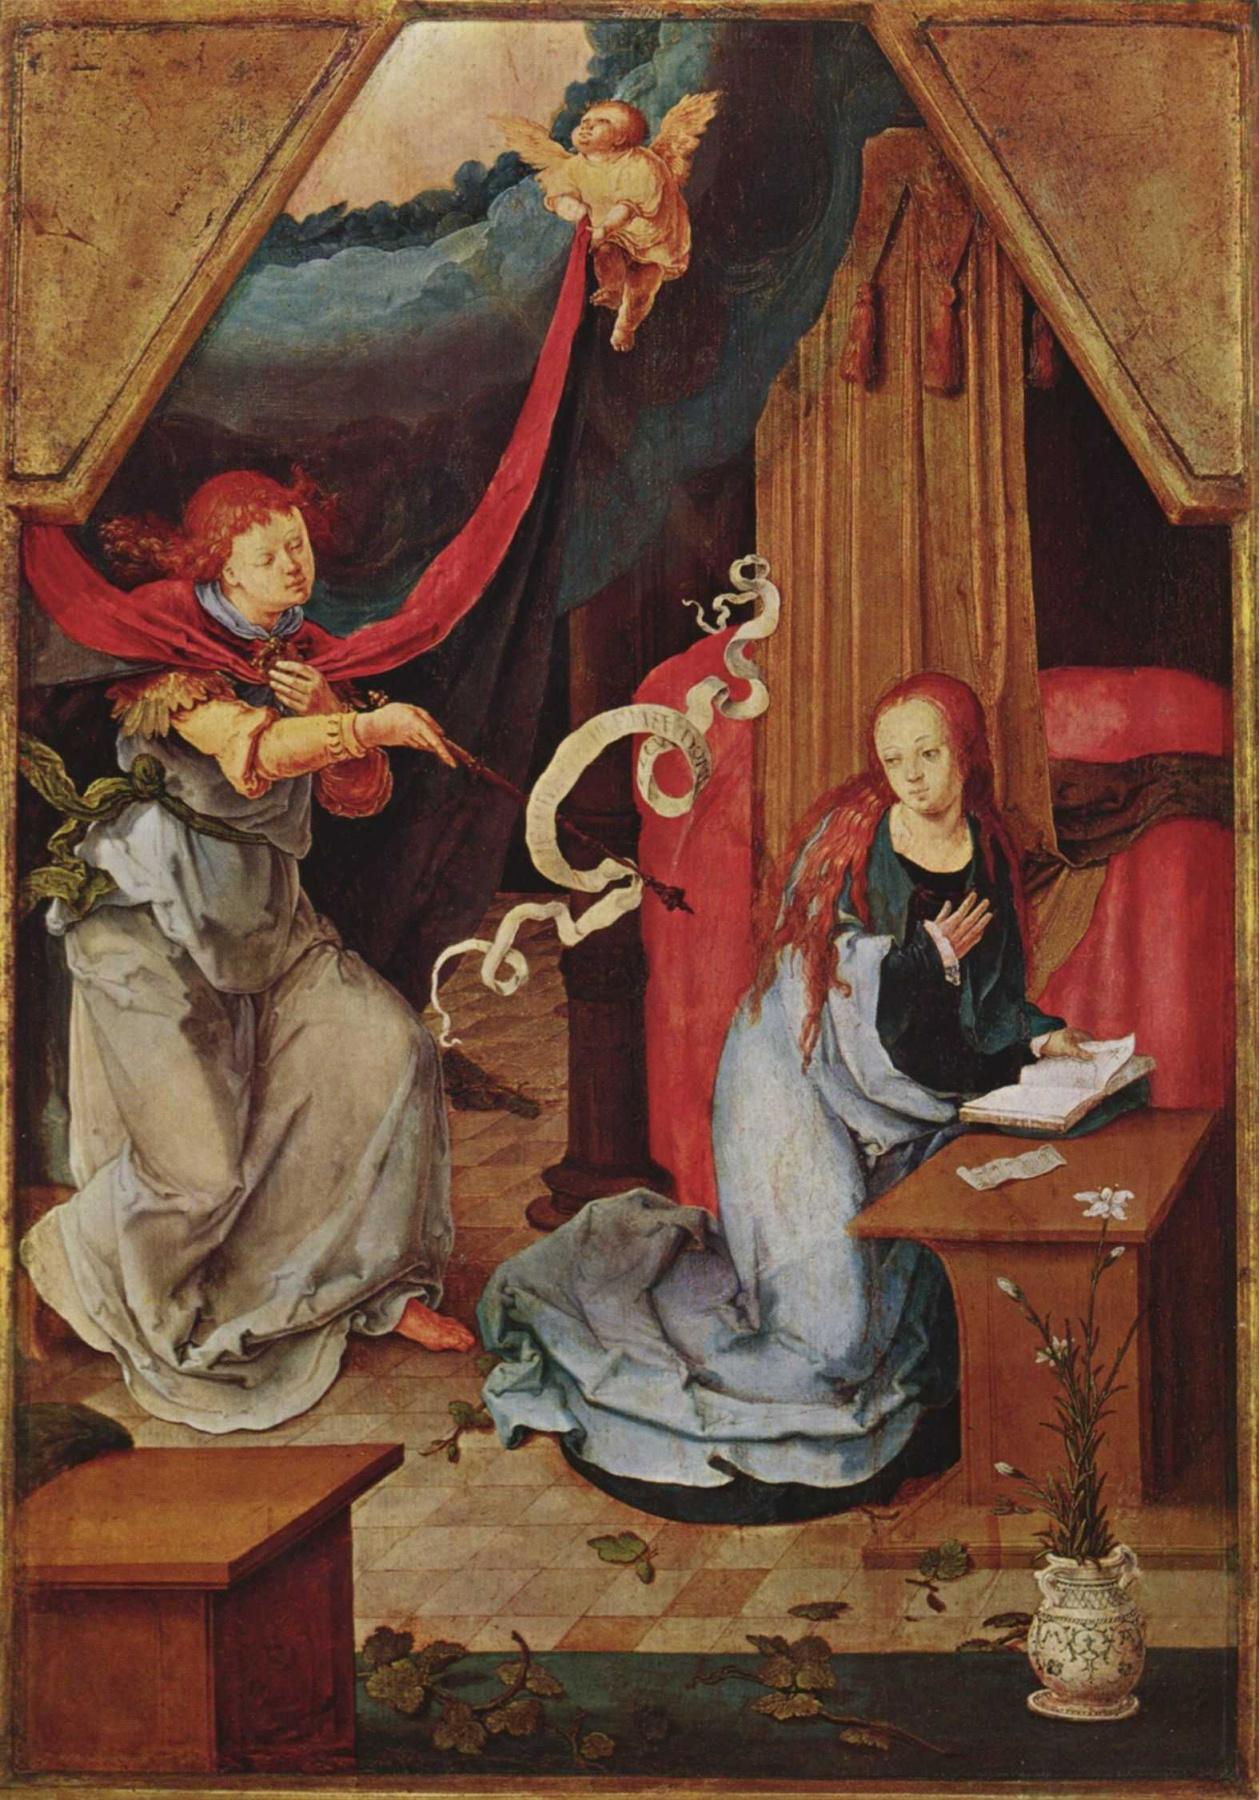 Lucas van Leiden (Luke of Leiden). The Annunciation Of Mary